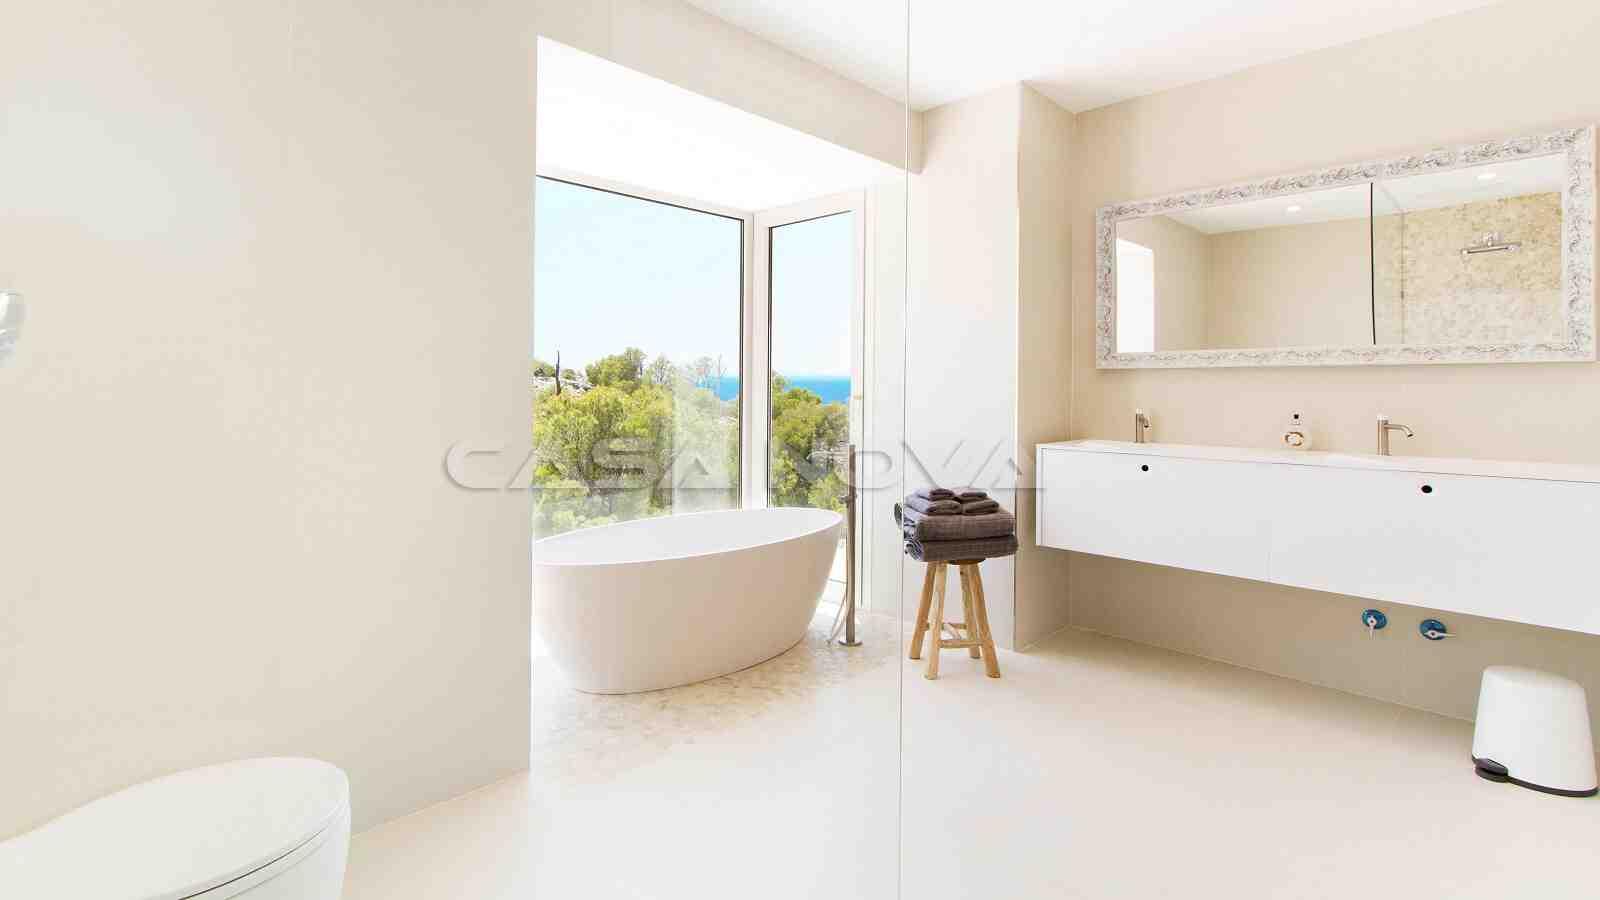 Ref. 2401735 - Großes Masterbadezimmer mit schicker Badewanne